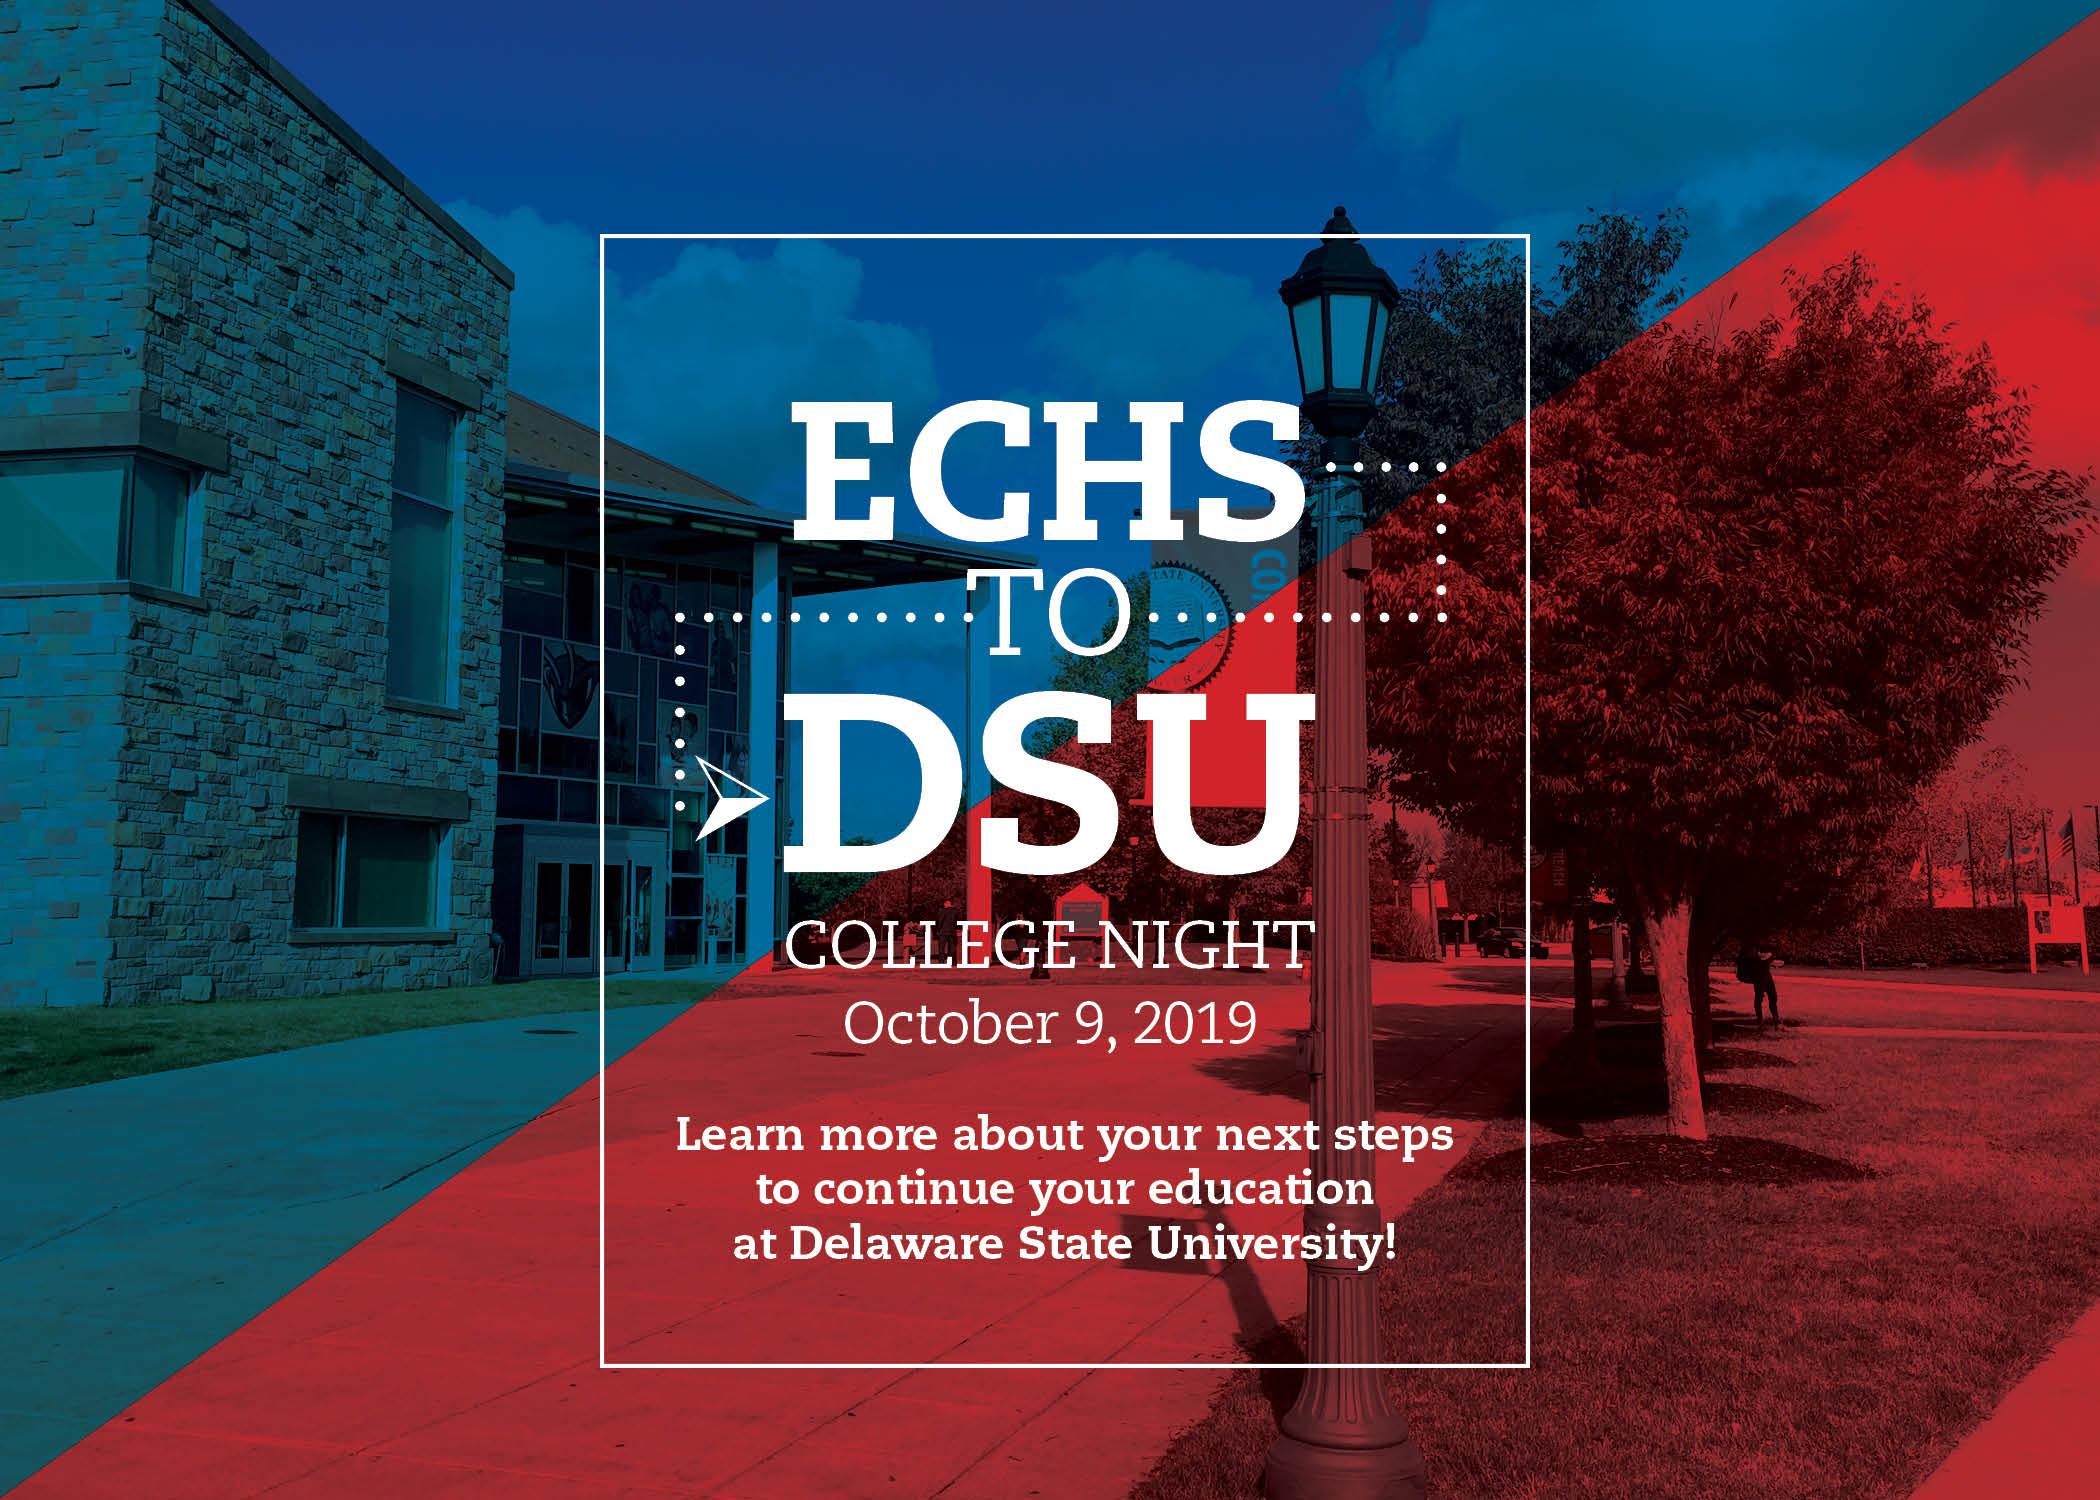 ECHS to DSU College Night